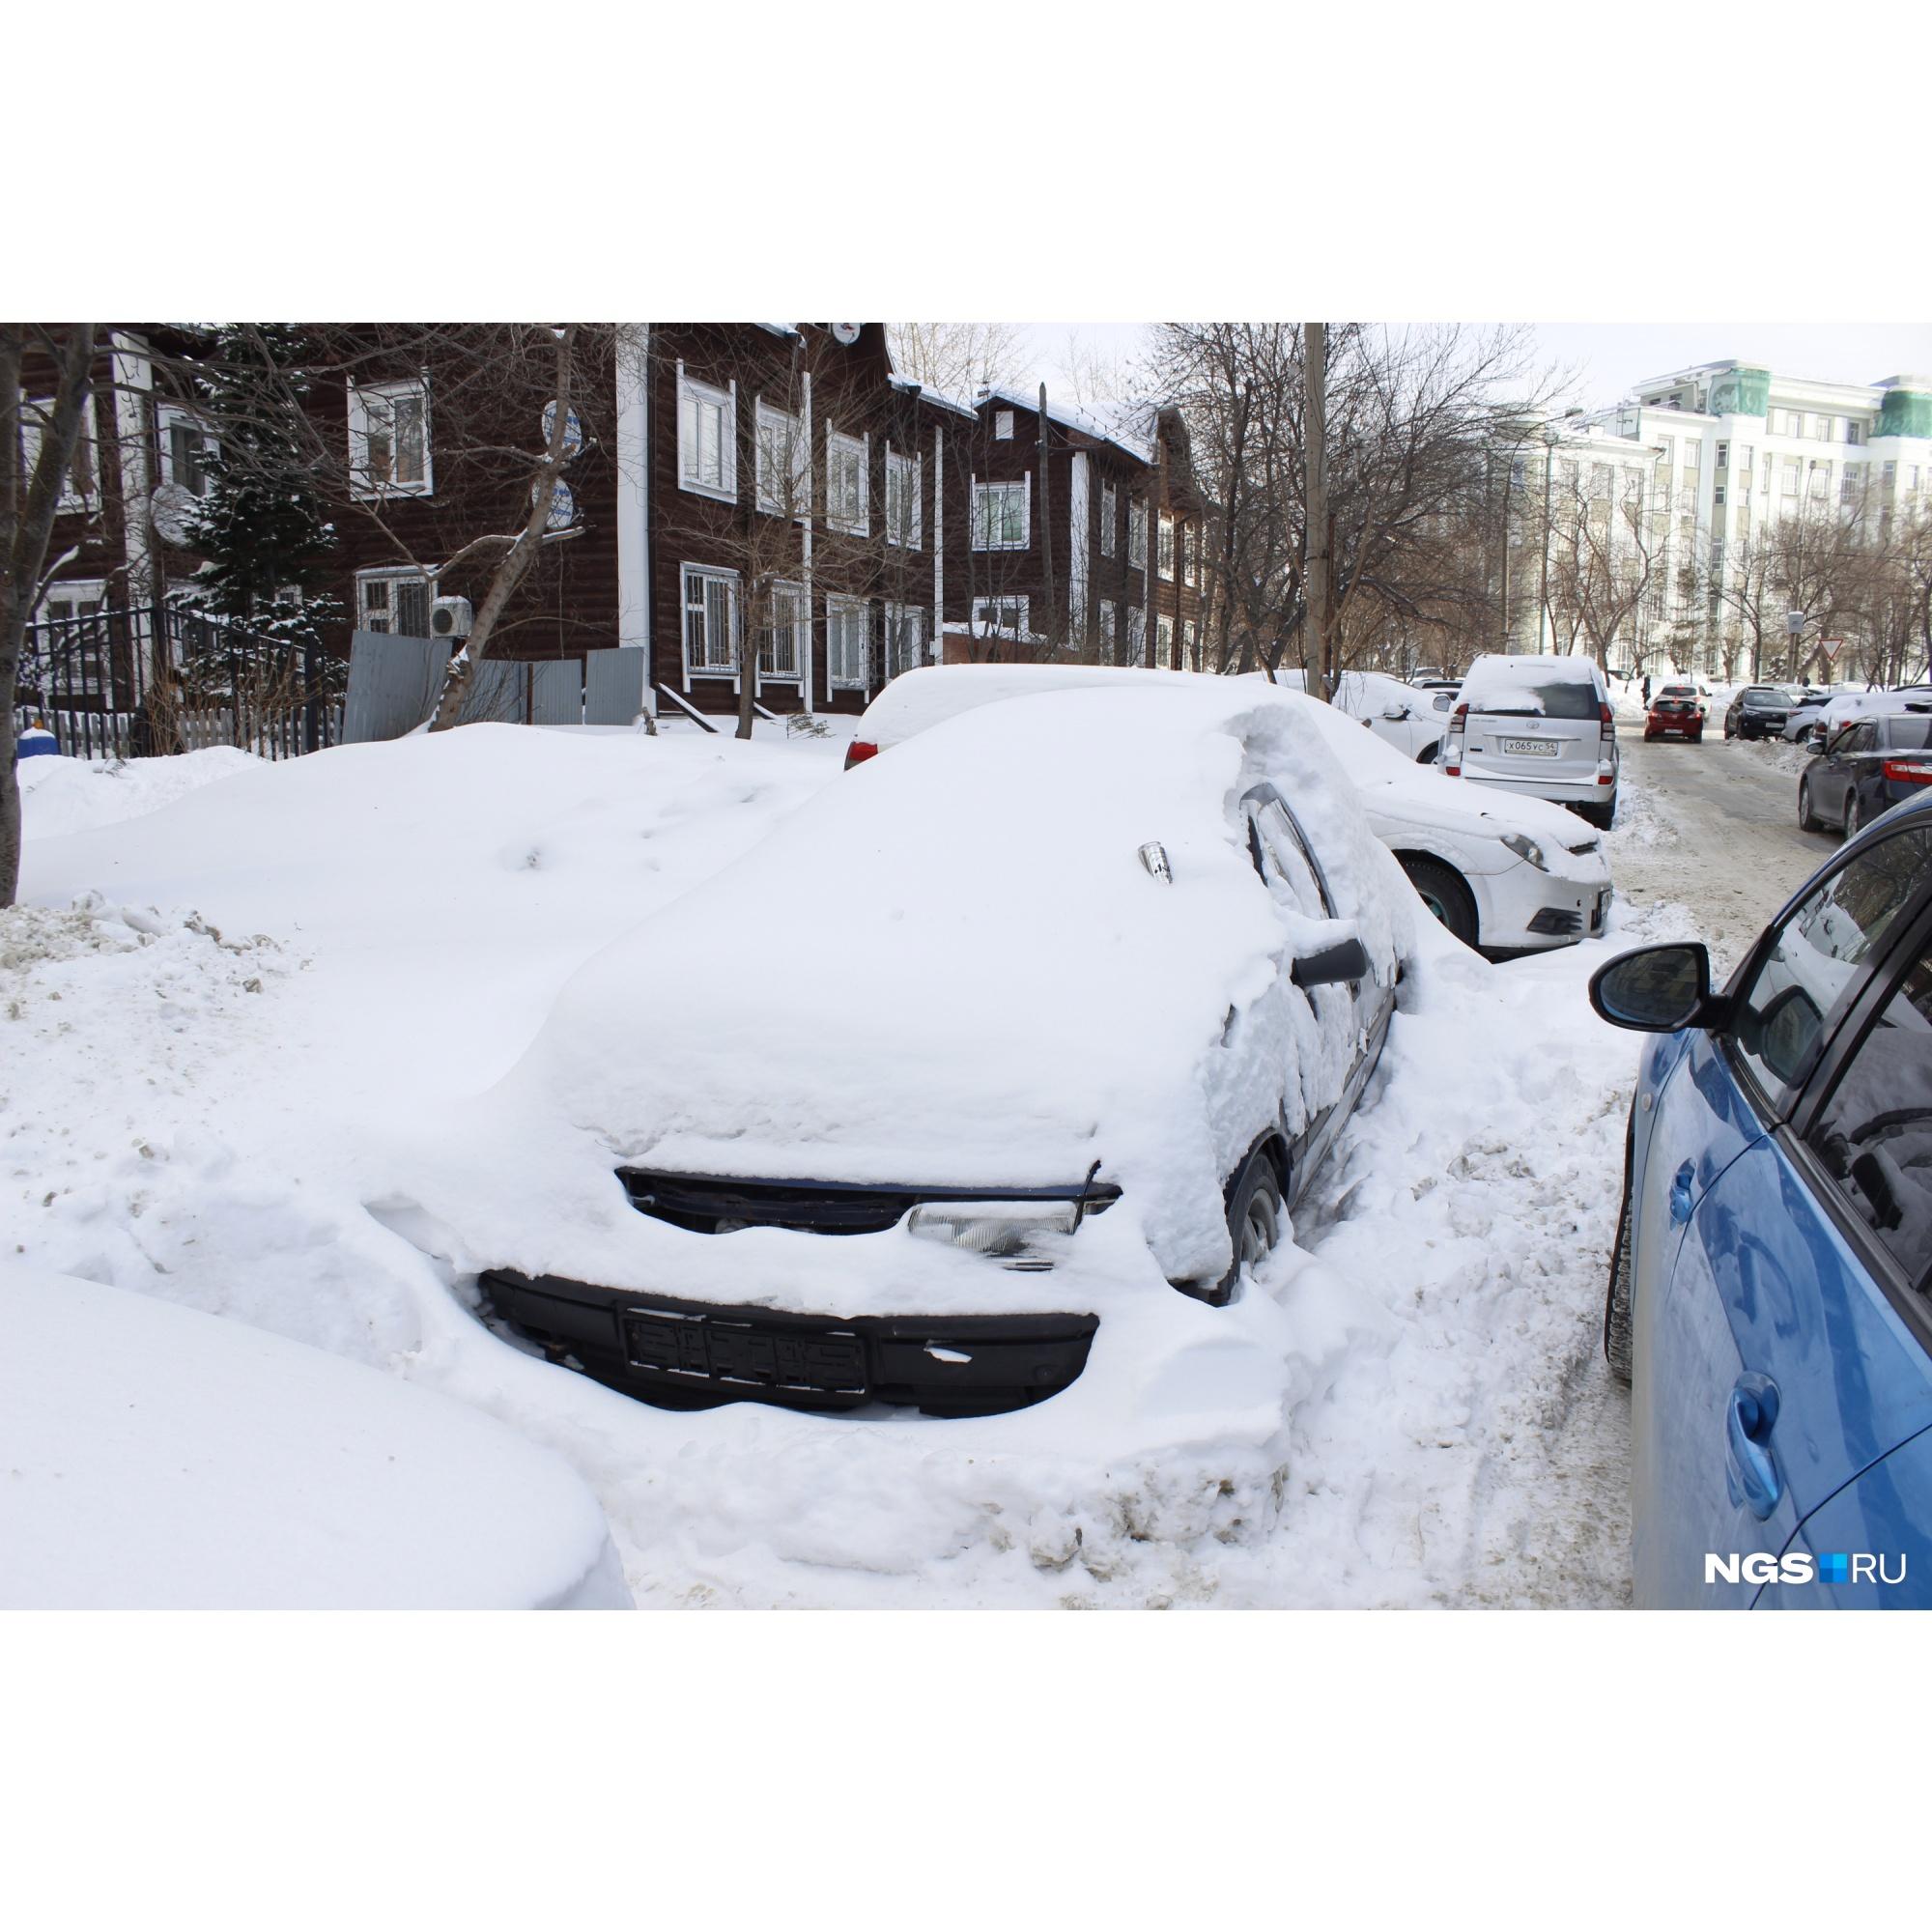 Машина-помойка на Депутатской